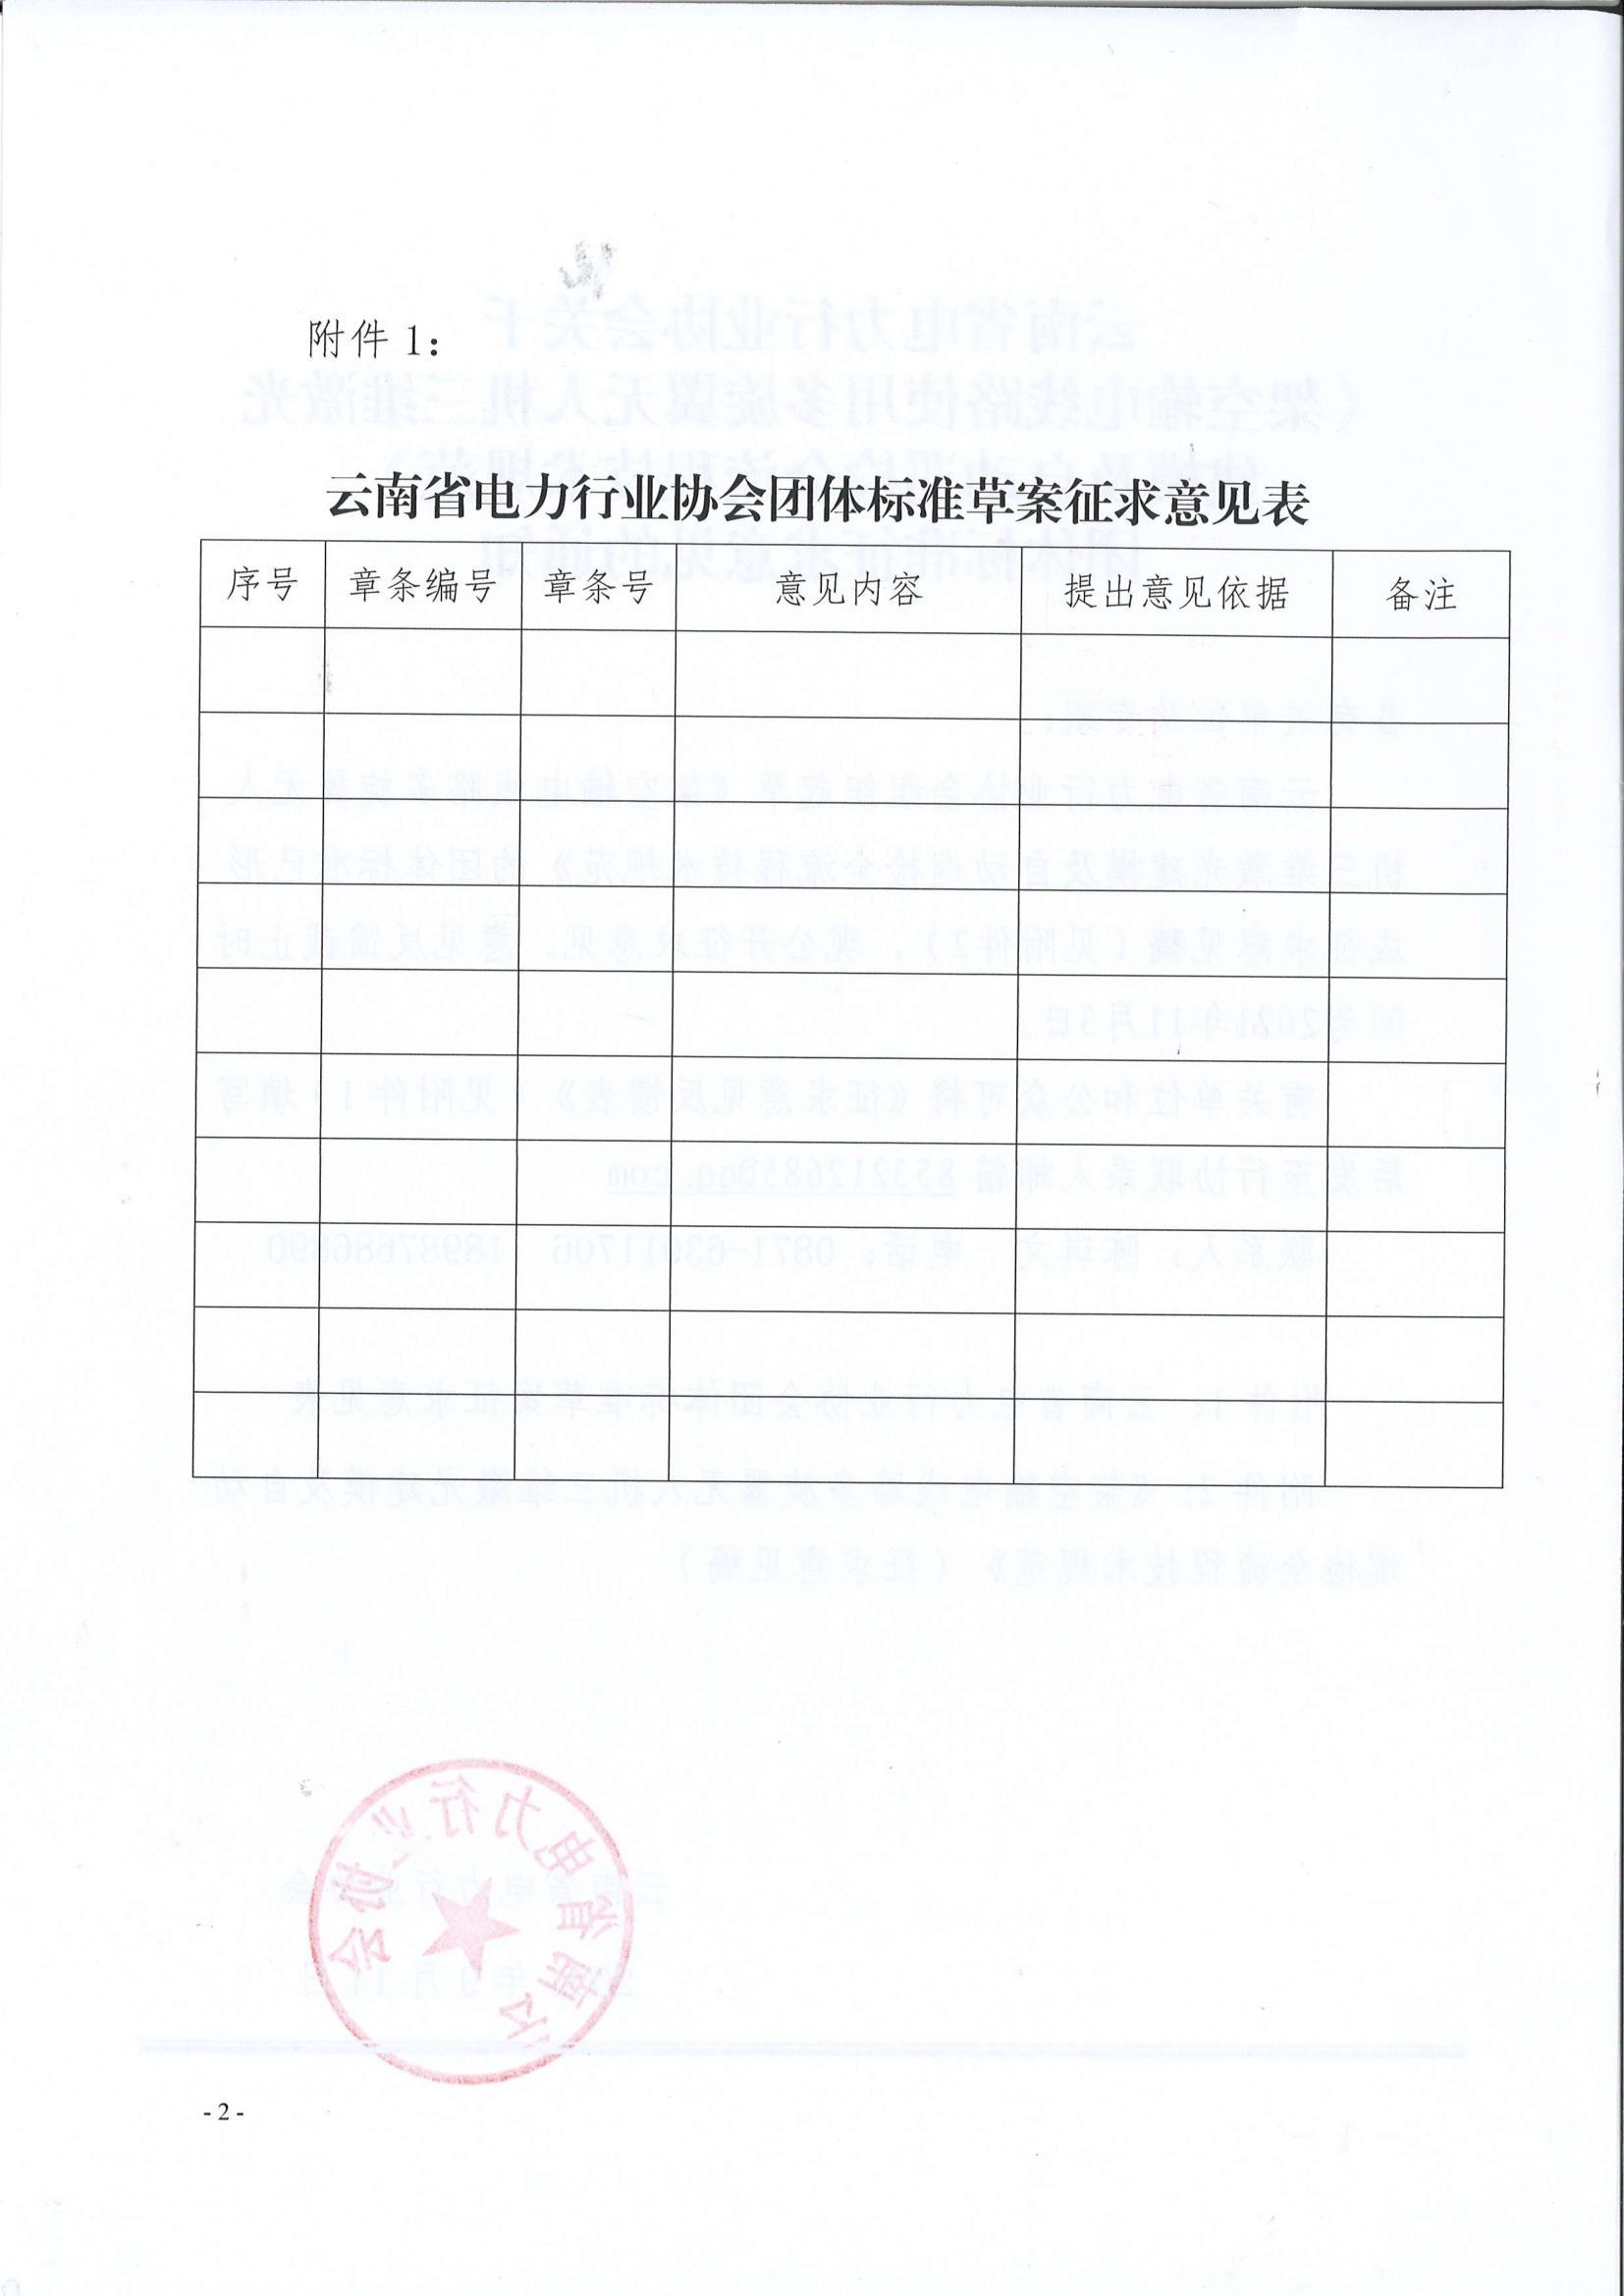 云南省电力行业协会关于《架空输电线路使用多旋翼无人机三维激光建模及自动巡检全流程技术规范》团体标准征求意见的通知_2.jpg